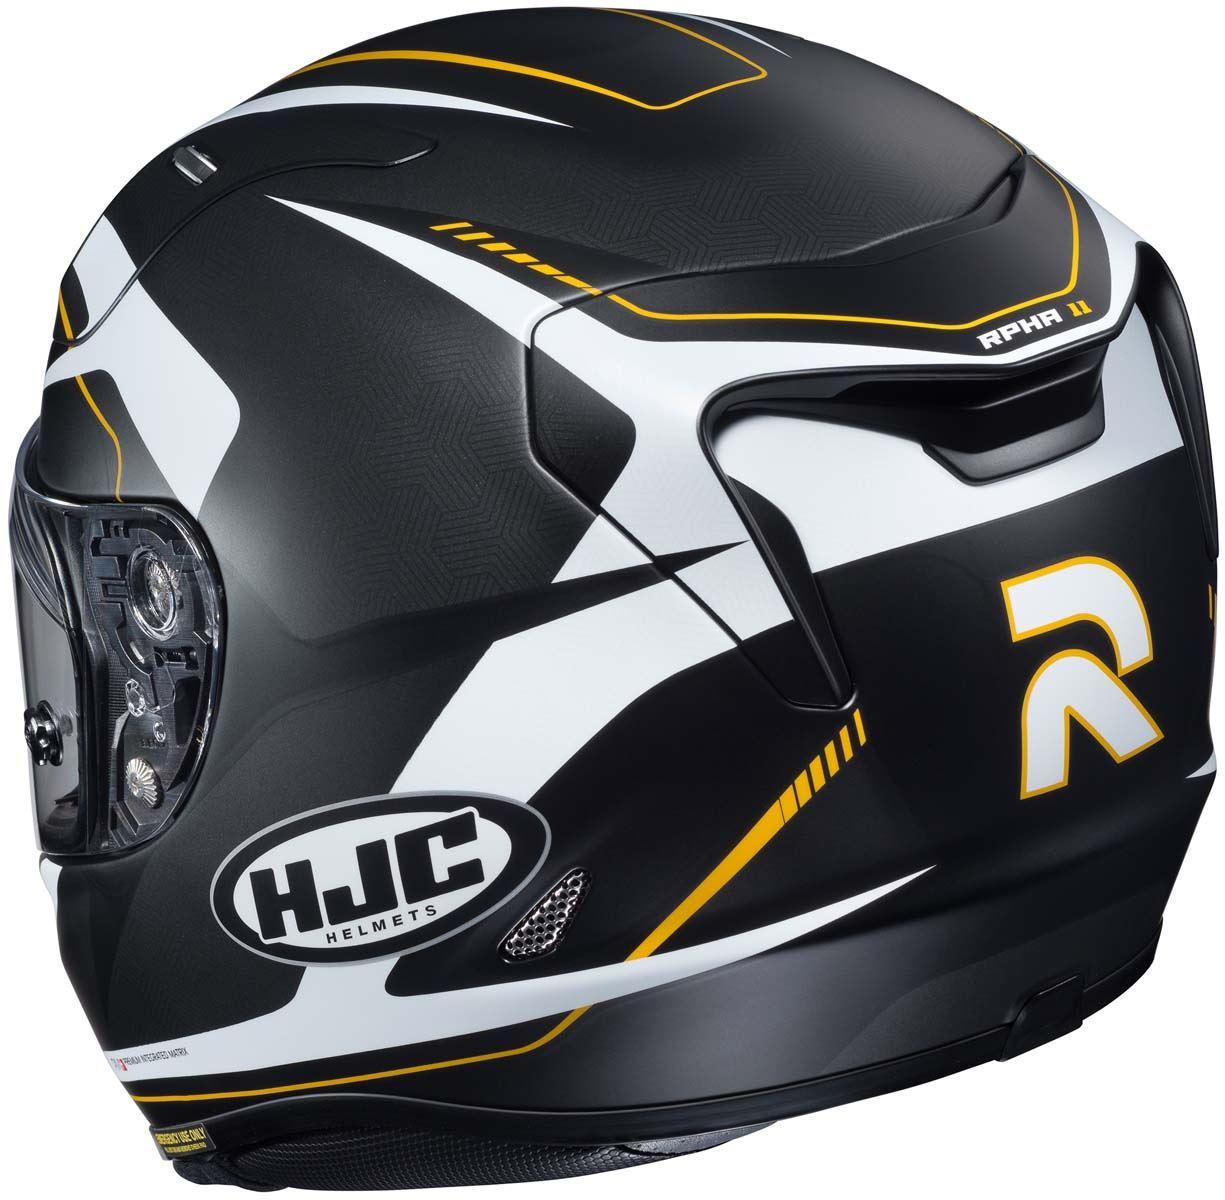 hjc rpha 11 pro bludom helmet full face lightweight dot. Black Bedroom Furniture Sets. Home Design Ideas